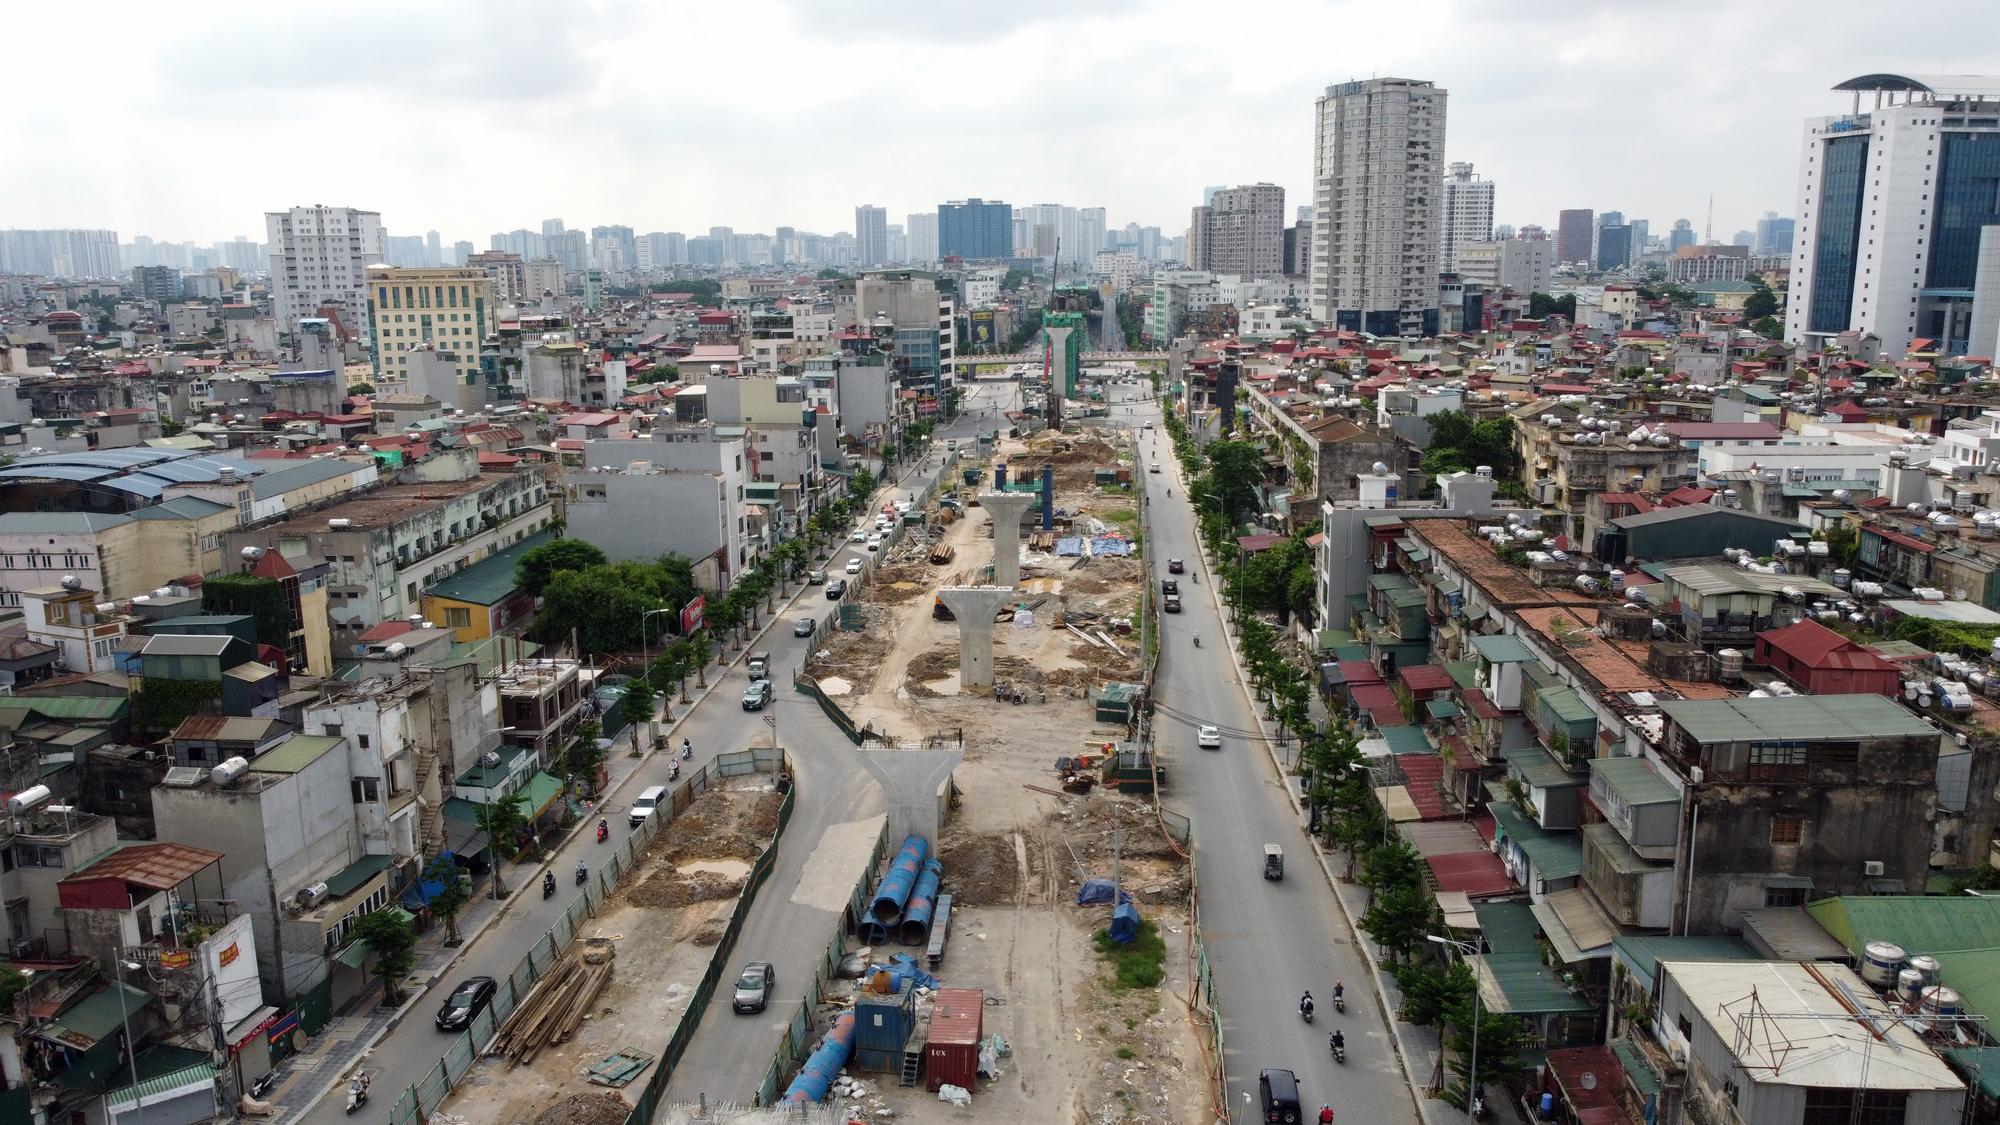 Hình ảnh dự án giao thông trọng điểm của Hà Nội thi công khi giãn cách xã hội - Ảnh 9.